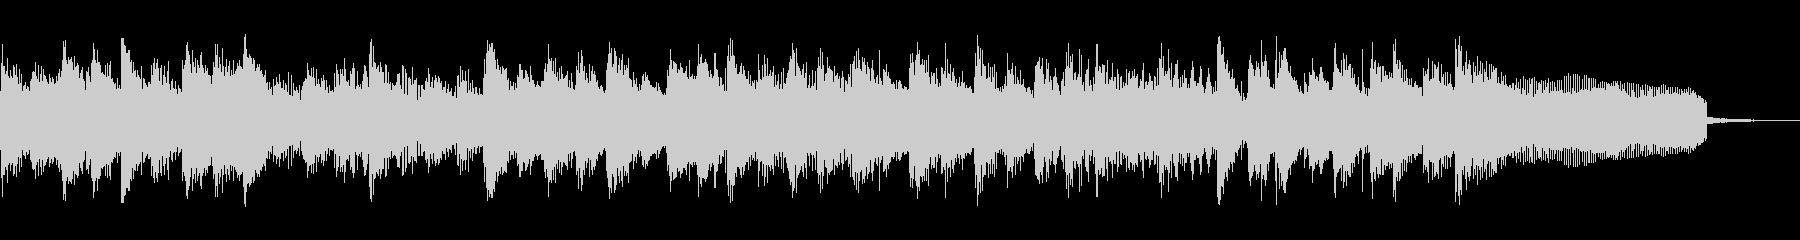 ポップなジングル 場面転換 番組 ラジオの未再生の波形